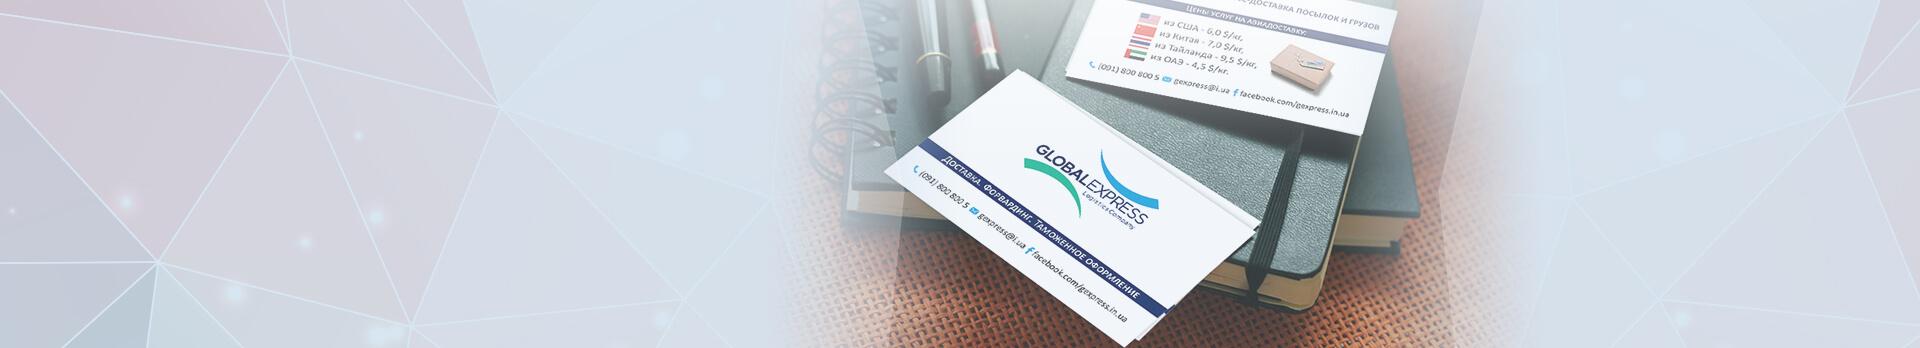 Создание визитных карточек от Webstudio Friendly это красивый элемент дизайна выгодно презентующий ваш бизнес